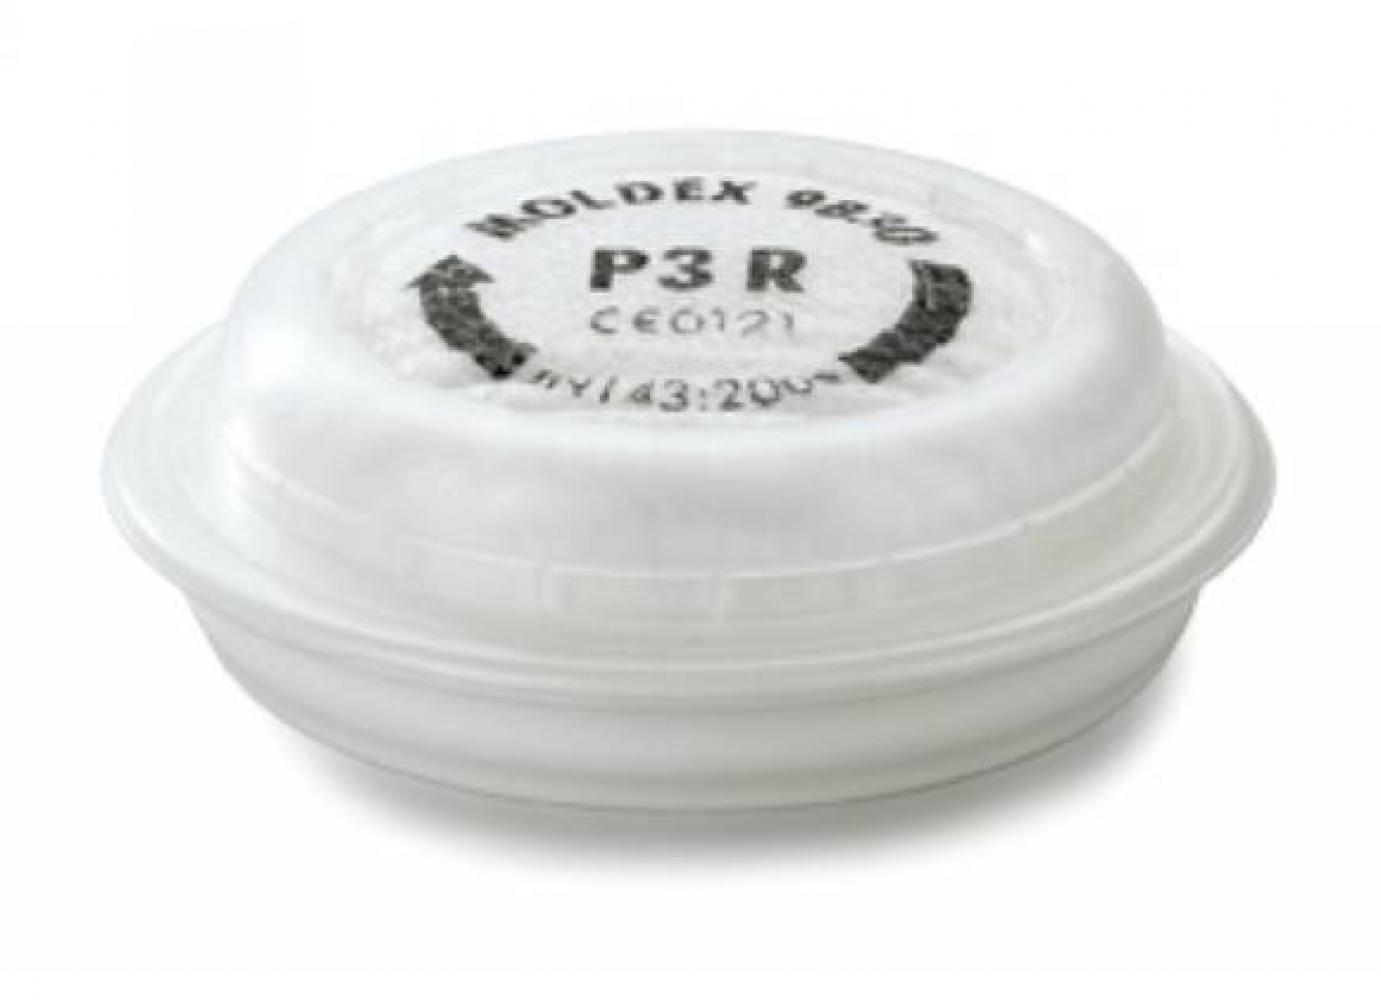 Moldex 12 pezzi Filtri particolati easylock p3r per maschere serie 7000 9000 Bricolage e fai da te